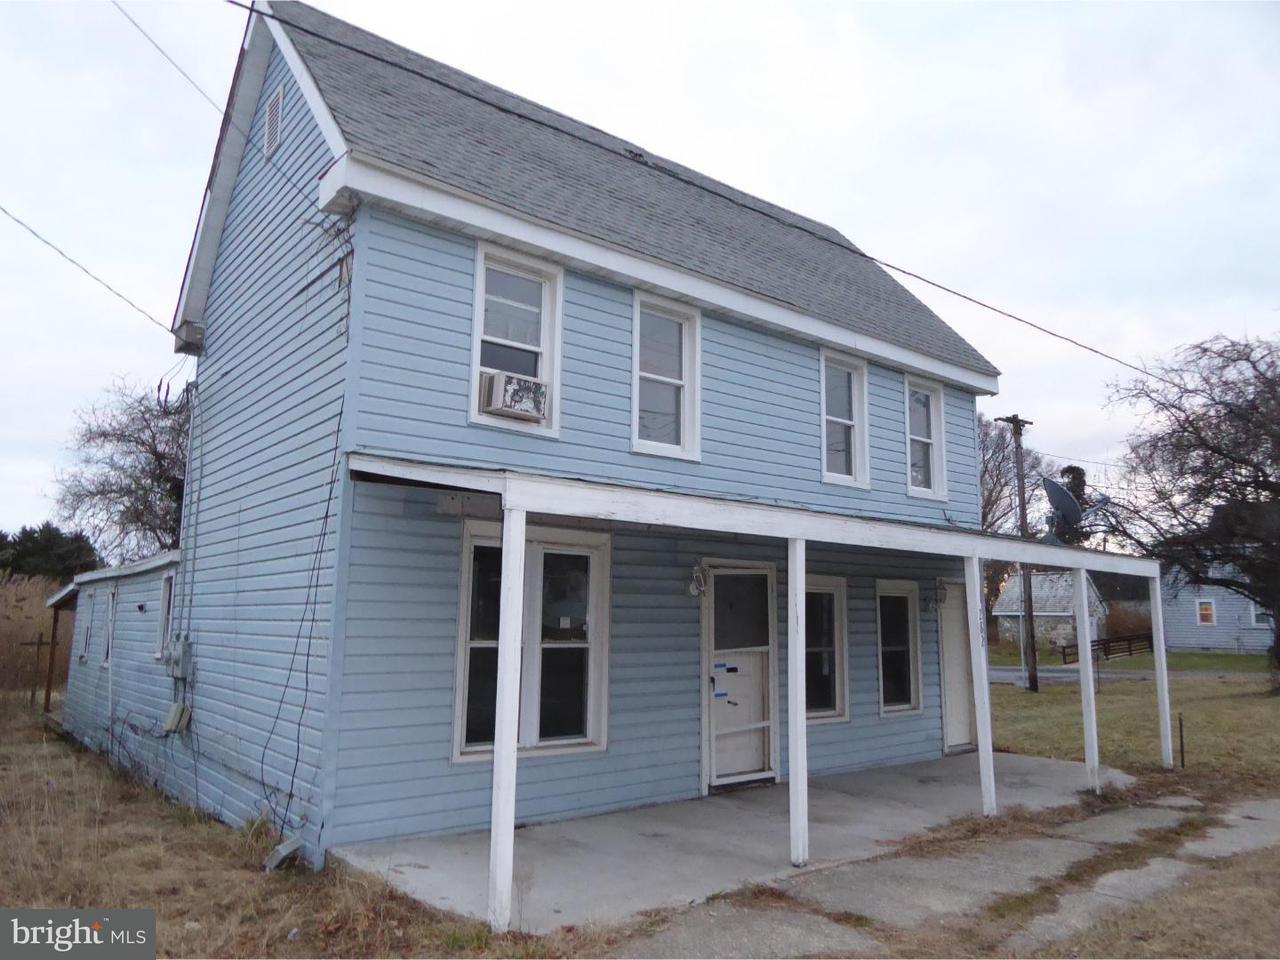 Einfamilienhaus für Verkauf beim 282 MAIN Street Little Creek, Delaware 19961 Vereinigte Staaten